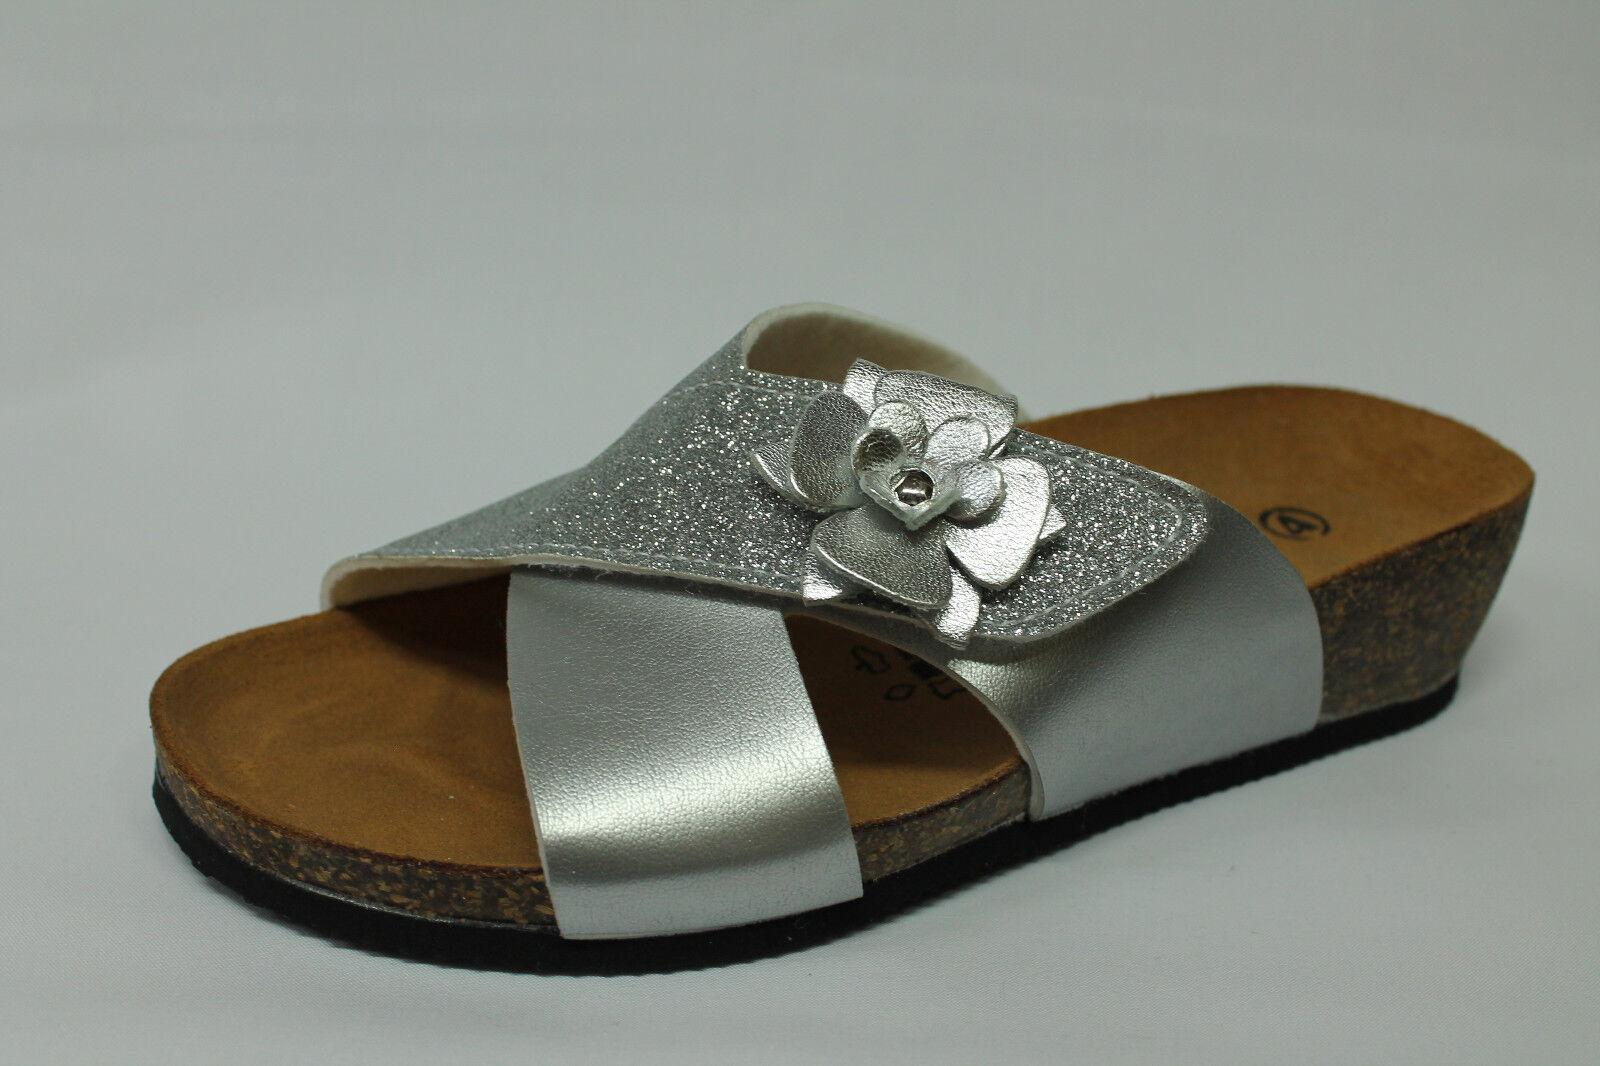 Sandali ciabatte strappo Vallegreen G51299F silver zeppa 4 cm Made in